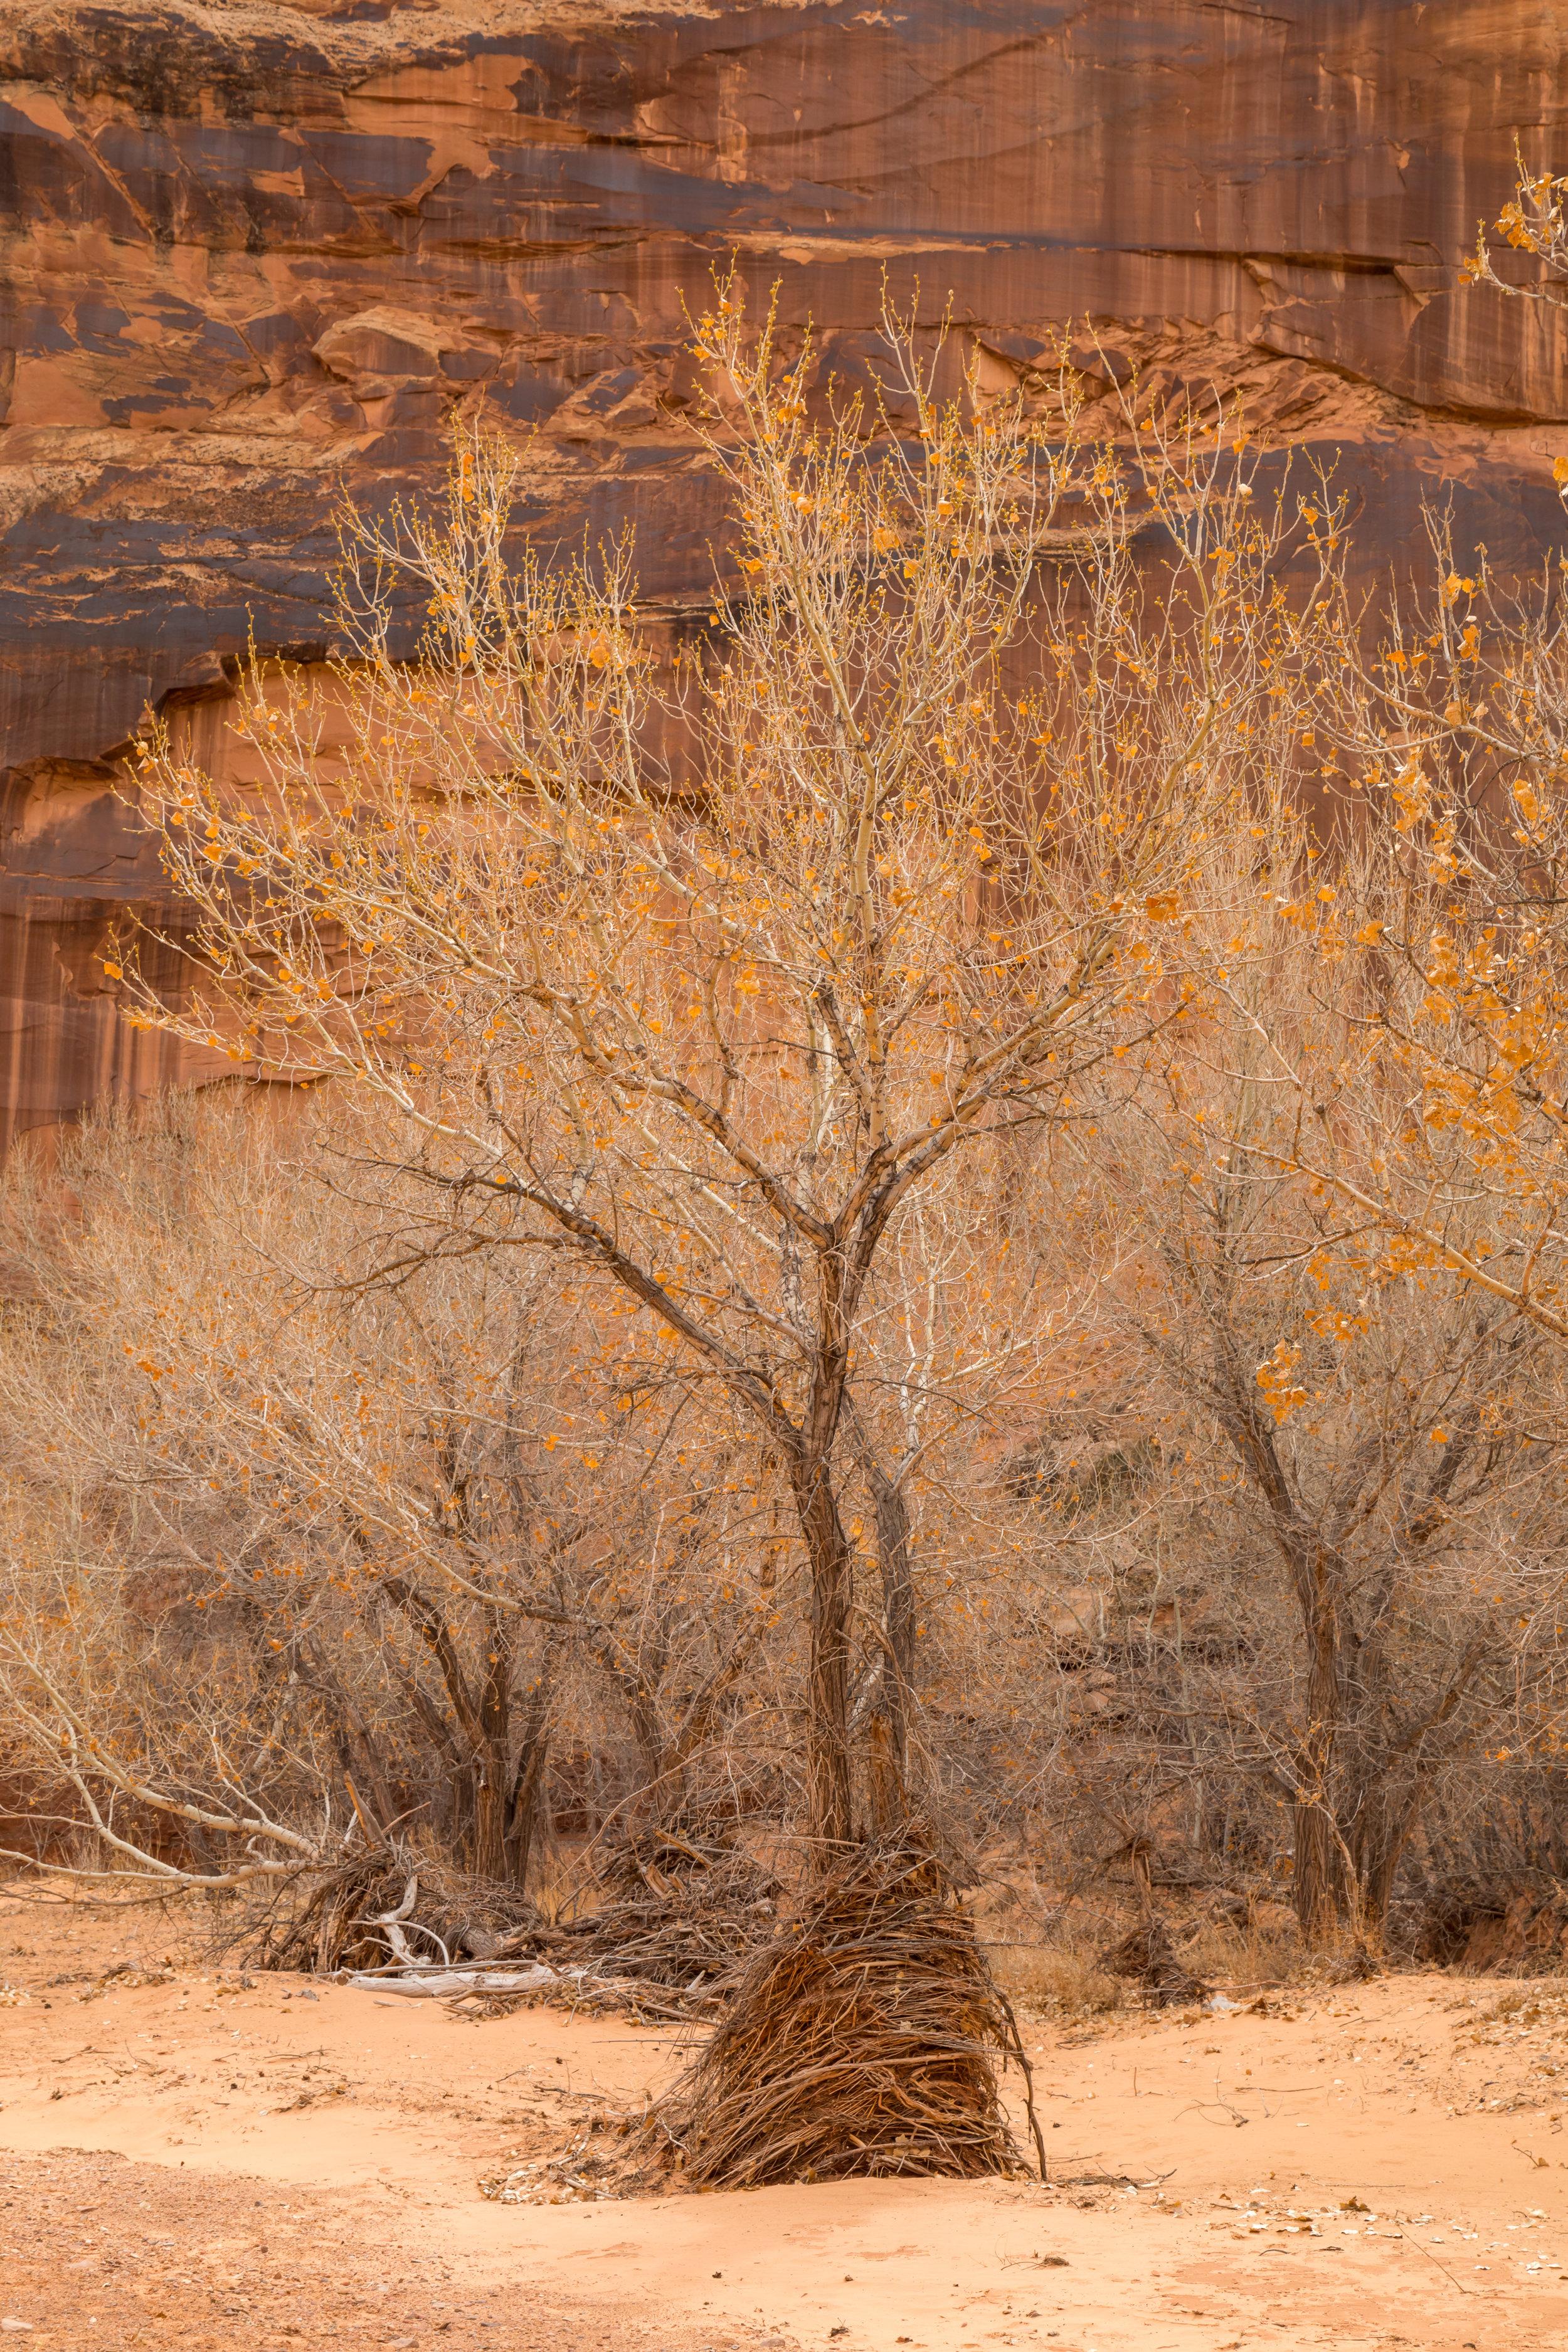 Horseshoe Canyon, Image # 8690